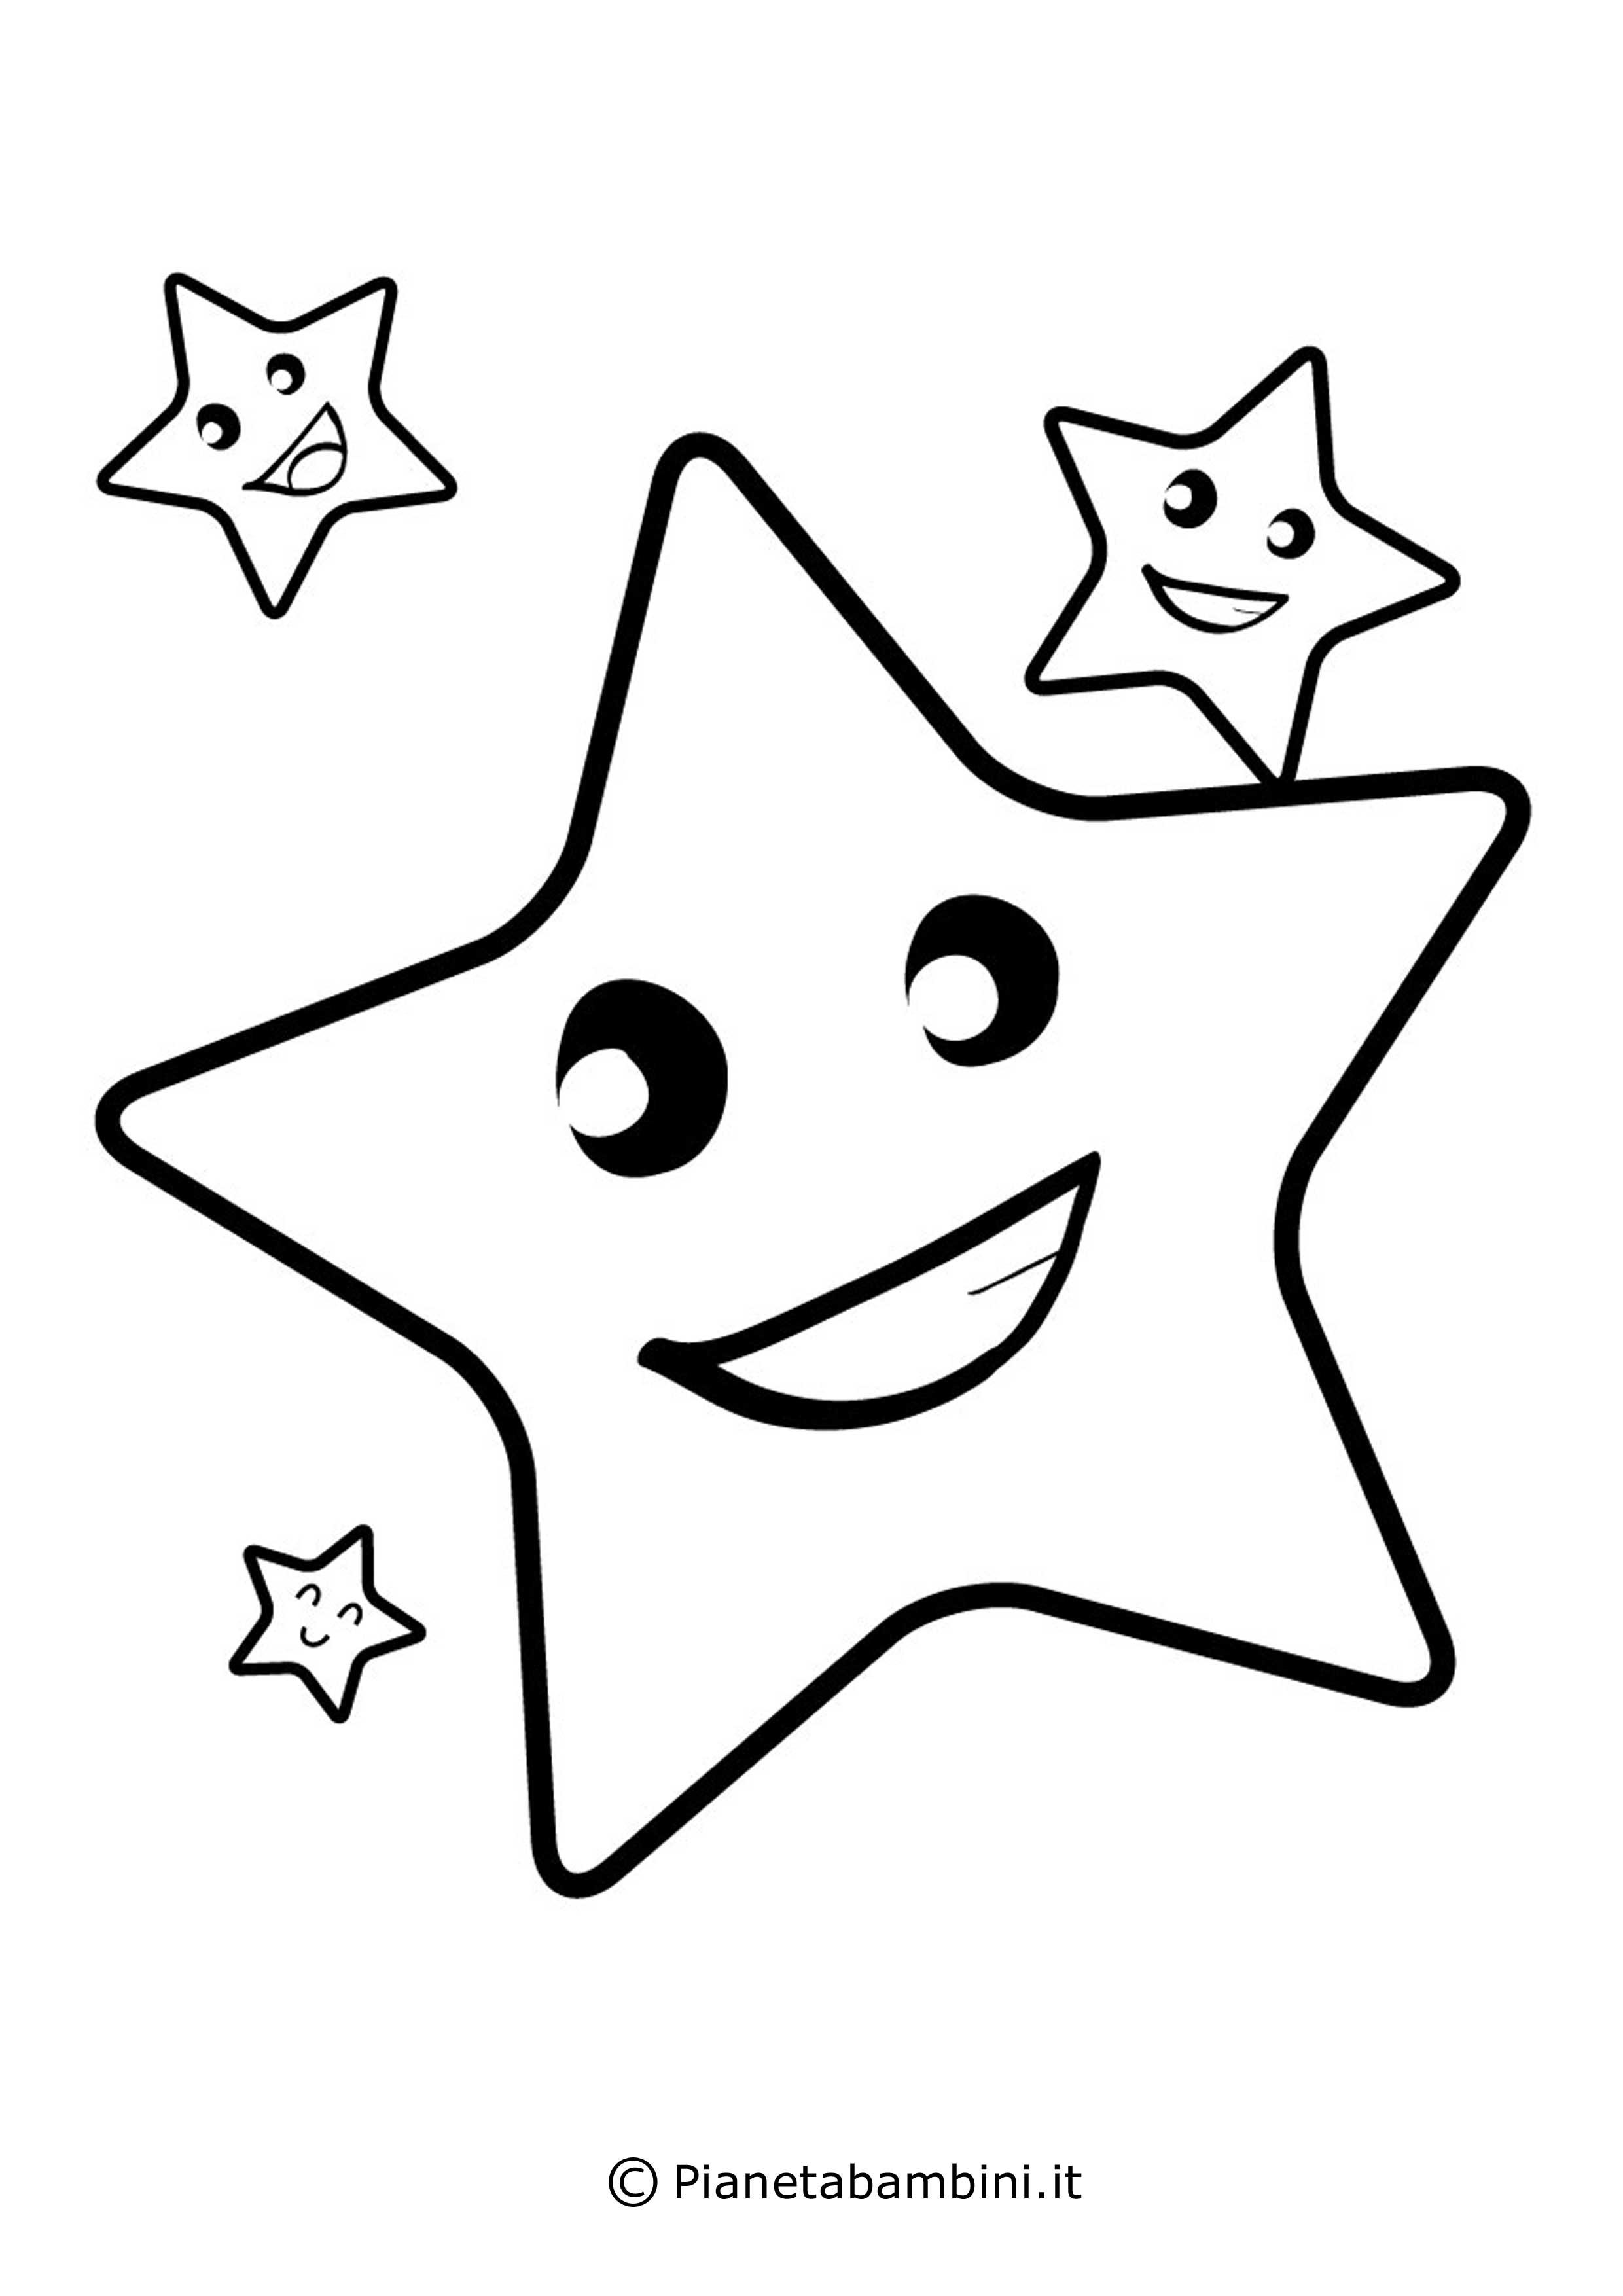 Disegno Stella Di Natale Da Colorare.Disegni Da Colorare Stella Portalebambini